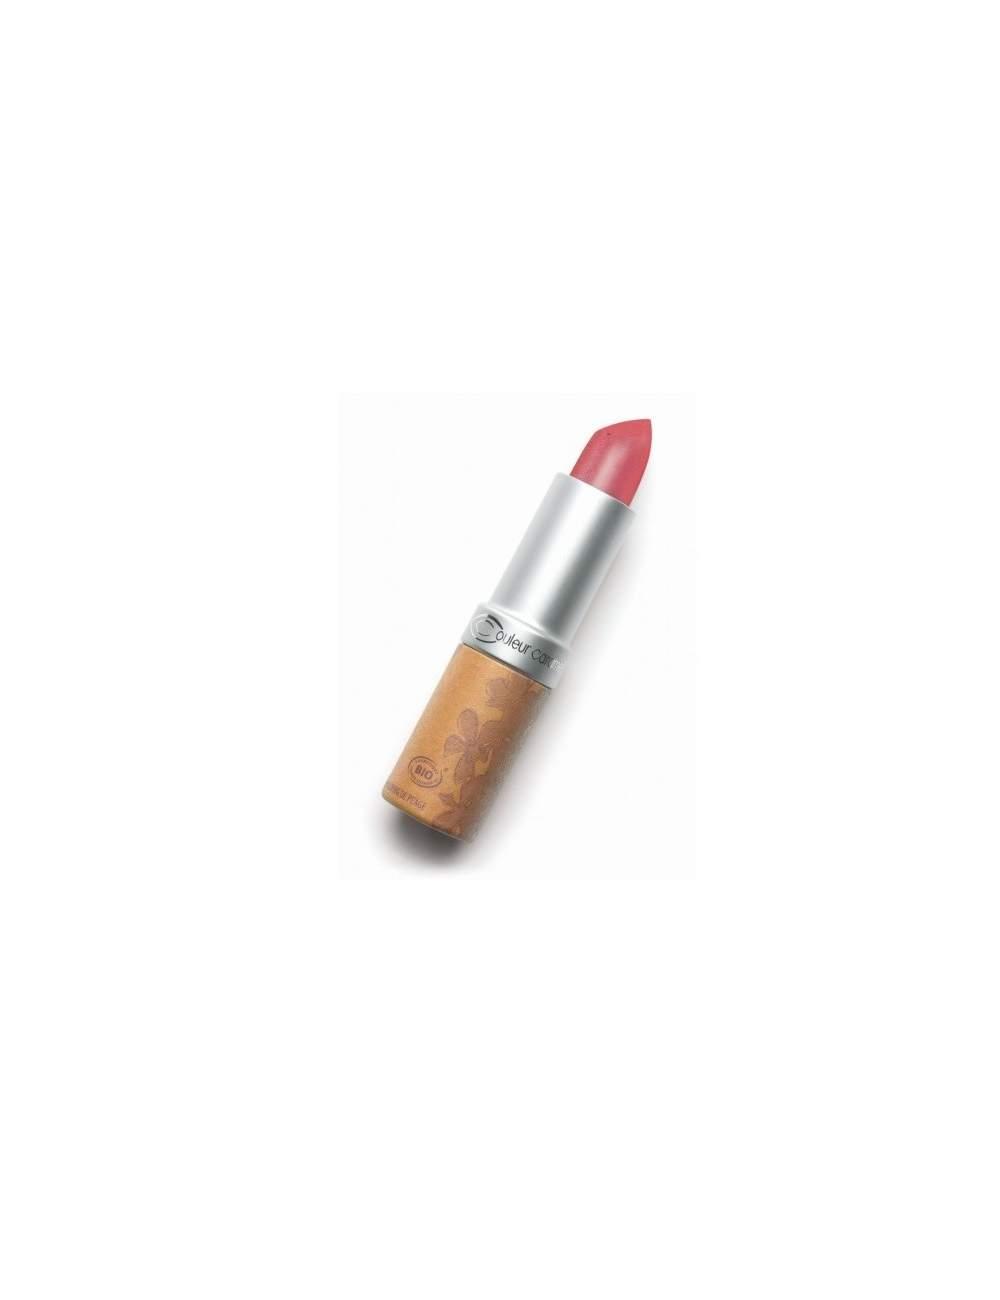 Barra de Labios Bio Nacarada 204 Rosy Red. Couleur Caramel